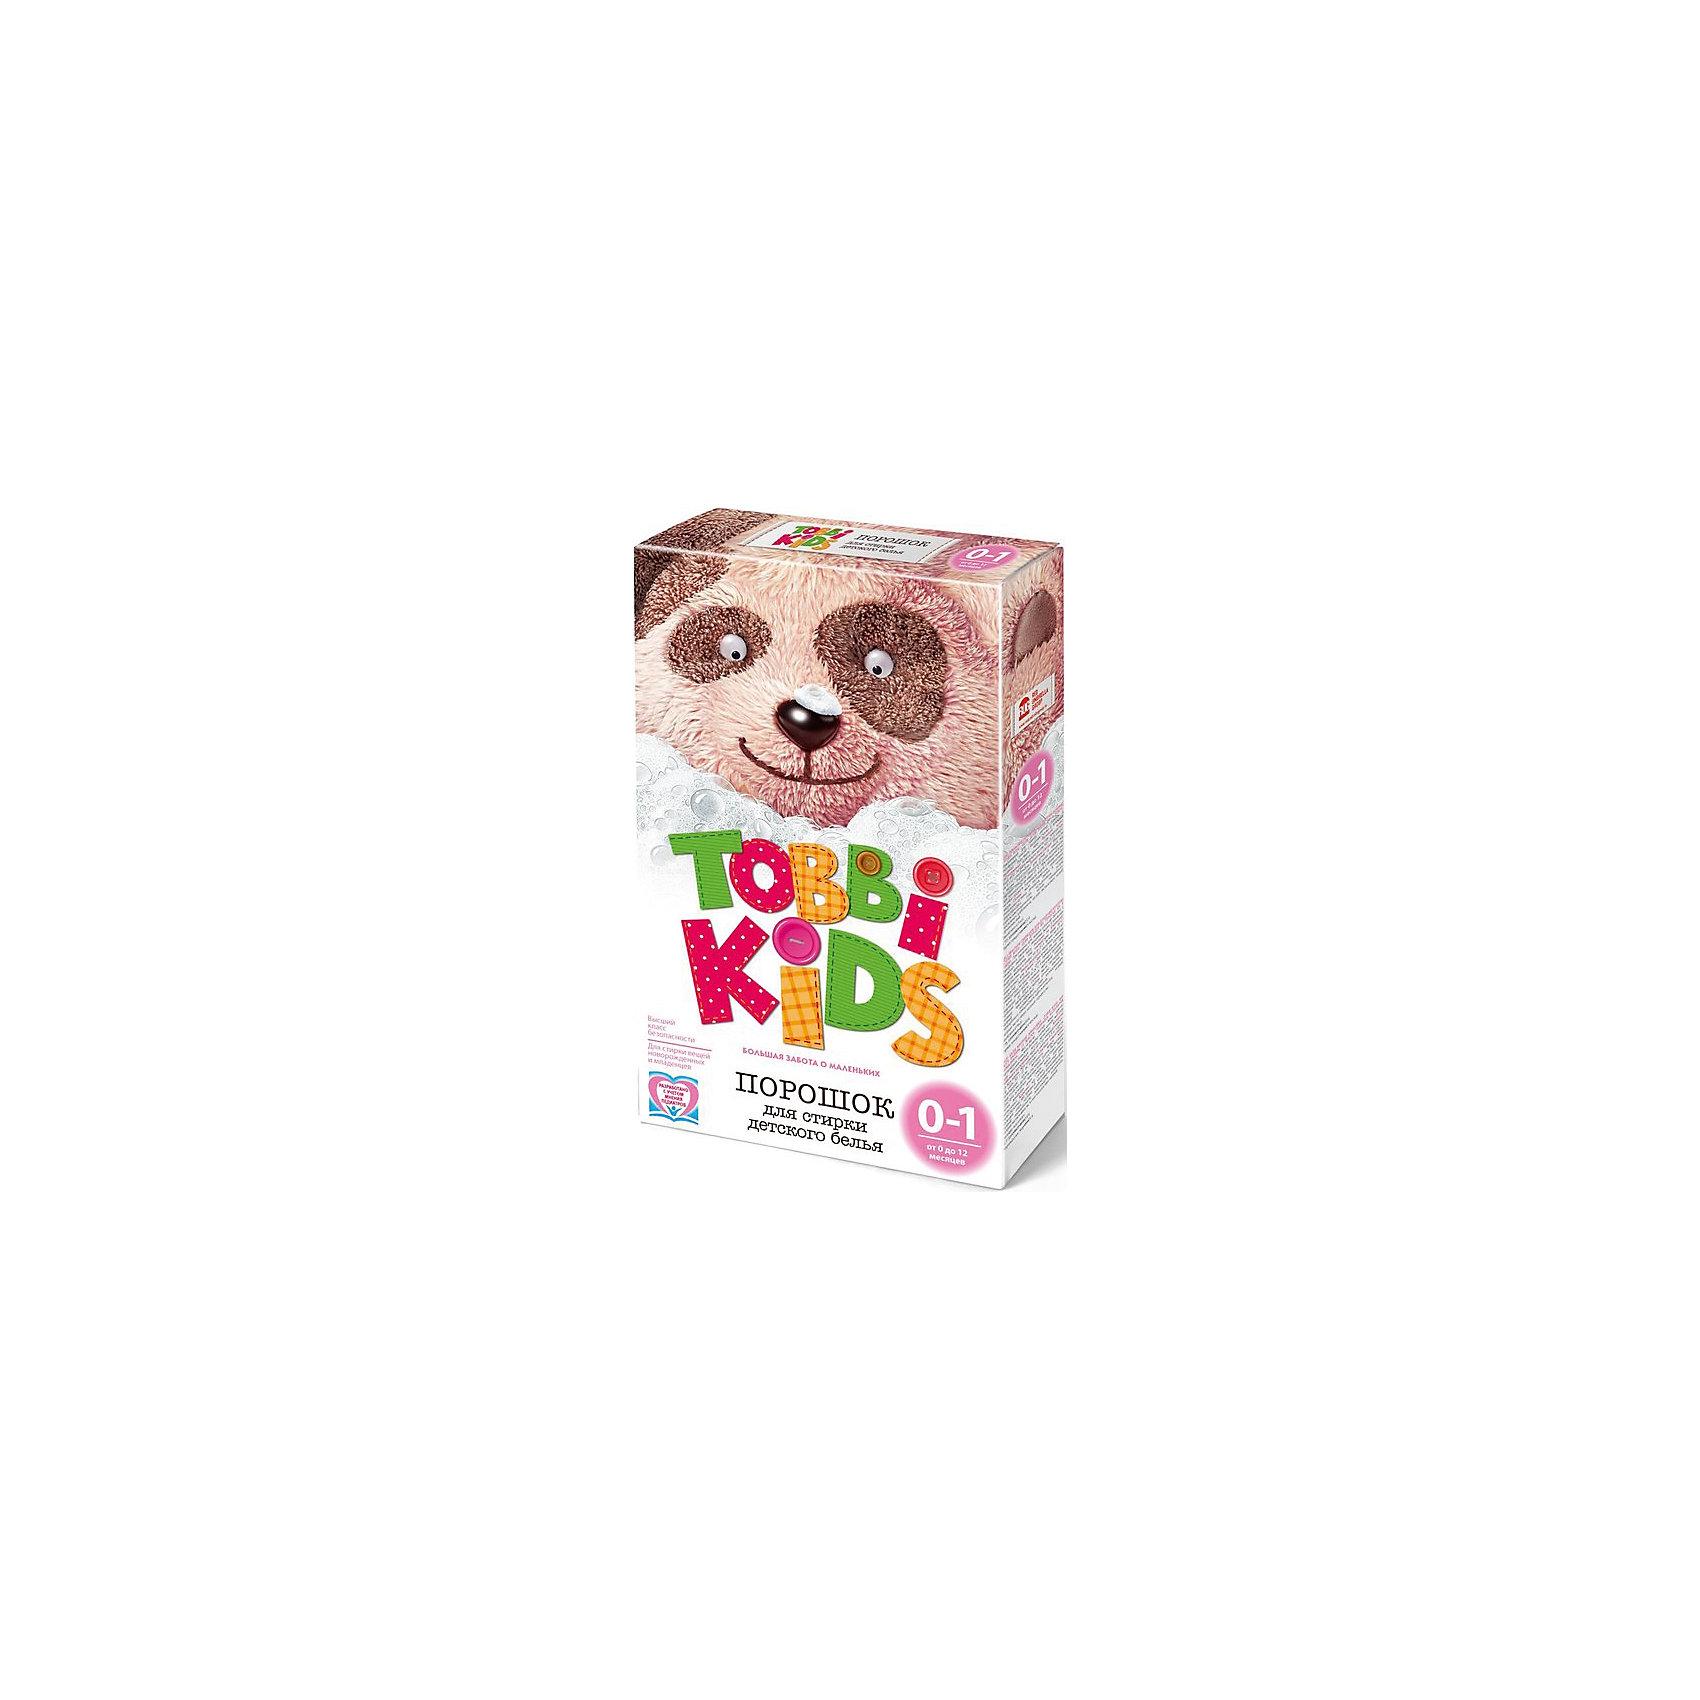 Стиральный порошок 0-12 мес., Tobbi Kids, 400гр.Бренд   Tobbi   Kids   –   серия   инновационных   стиральных порошков для стирки детских вещей – не имеет аналогов на рынке.<br>Уникальный     дифференцированный     подход: продукт разработан с учетом особенностей развития кожи детей и характера загрязнений вещей в разном возрасте.<br>Состав учитывает уровень pH кожи ребенка (в разном возрасте этот показатель меняется и становится таким, как у взрослого человека, к 7 годам).<br>Продукт разработан ведущими научными сотрудниками РАН под контролем врачей педиатров.  Протестирован независимой лабораторией России «Бытхим-2».<br>Основа – натуральное мыло.<br>100% биоразлагаем. Гипоаллергенен.<br><br>Бренд представлен порошками для детей в возрасте от 0 до 12 месяцев, от 1 до 3 лет и от 3 до 7 лет.<br>Tobbi Kids от 0 до 1 года разработан специально для новорожденных с учетом pH уровня кожи младенцев, не содержит агрессивных элементов, отдушек и энзимов, способных вызвать аллергические реакции. Основа порошка – натуральное мыло. Бесфосфатный, гипоаллергенный, биоразлагаемый.<br><br>Ширина мм: 600<br>Глубина мм: 500<br>Высота мм: 500<br>Вес г: 400<br>Возраст от месяцев: 0<br>Возраст до месяцев: 12<br>Пол: Унисекс<br>Возраст: Детский<br>SKU: 4729856